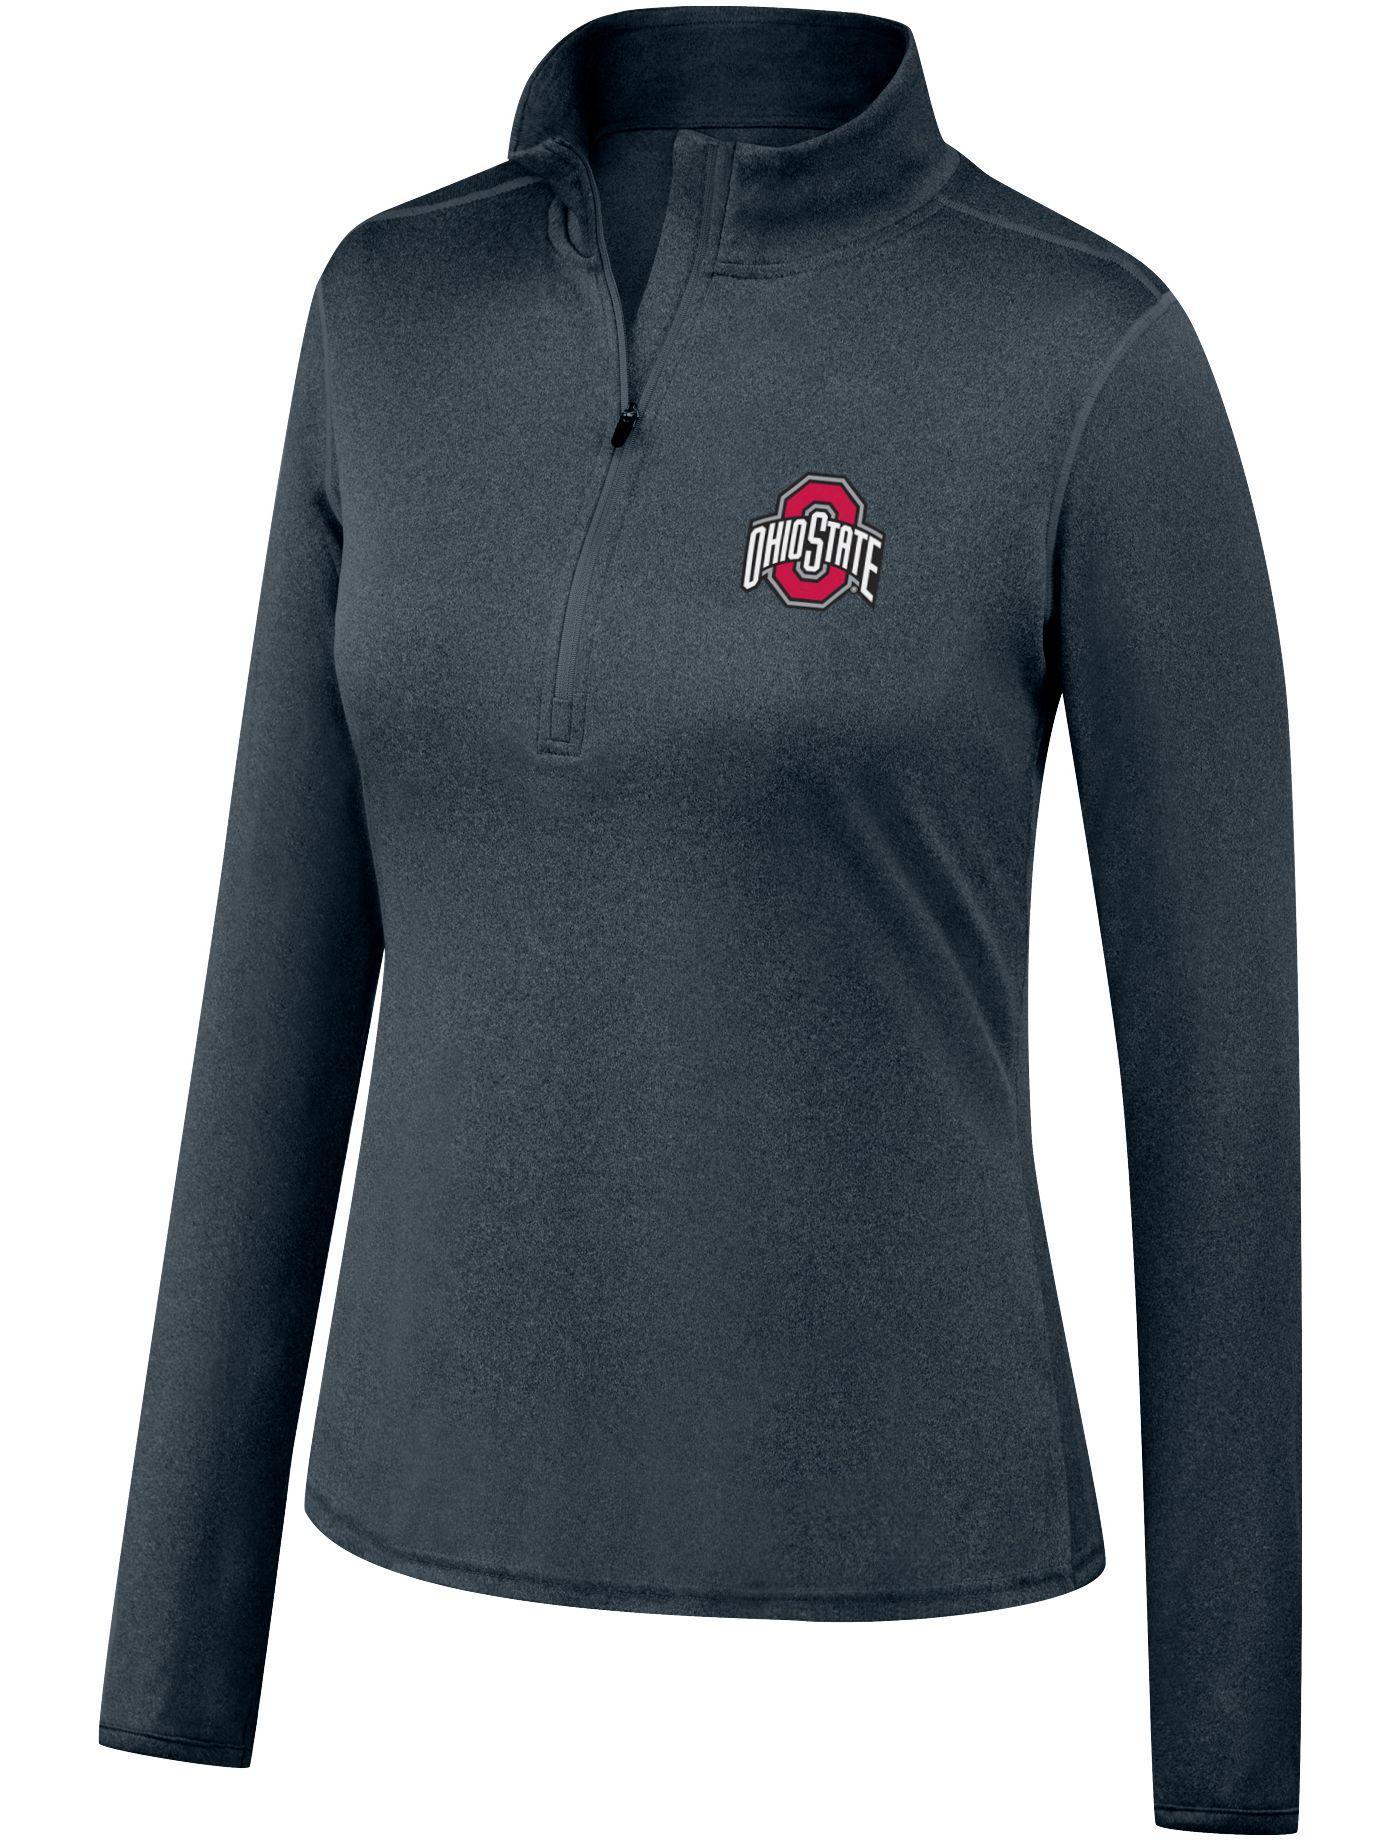 Scarlet & Gray Women's Ohio State Buckeyes Gray Quarter-Zip Shirt